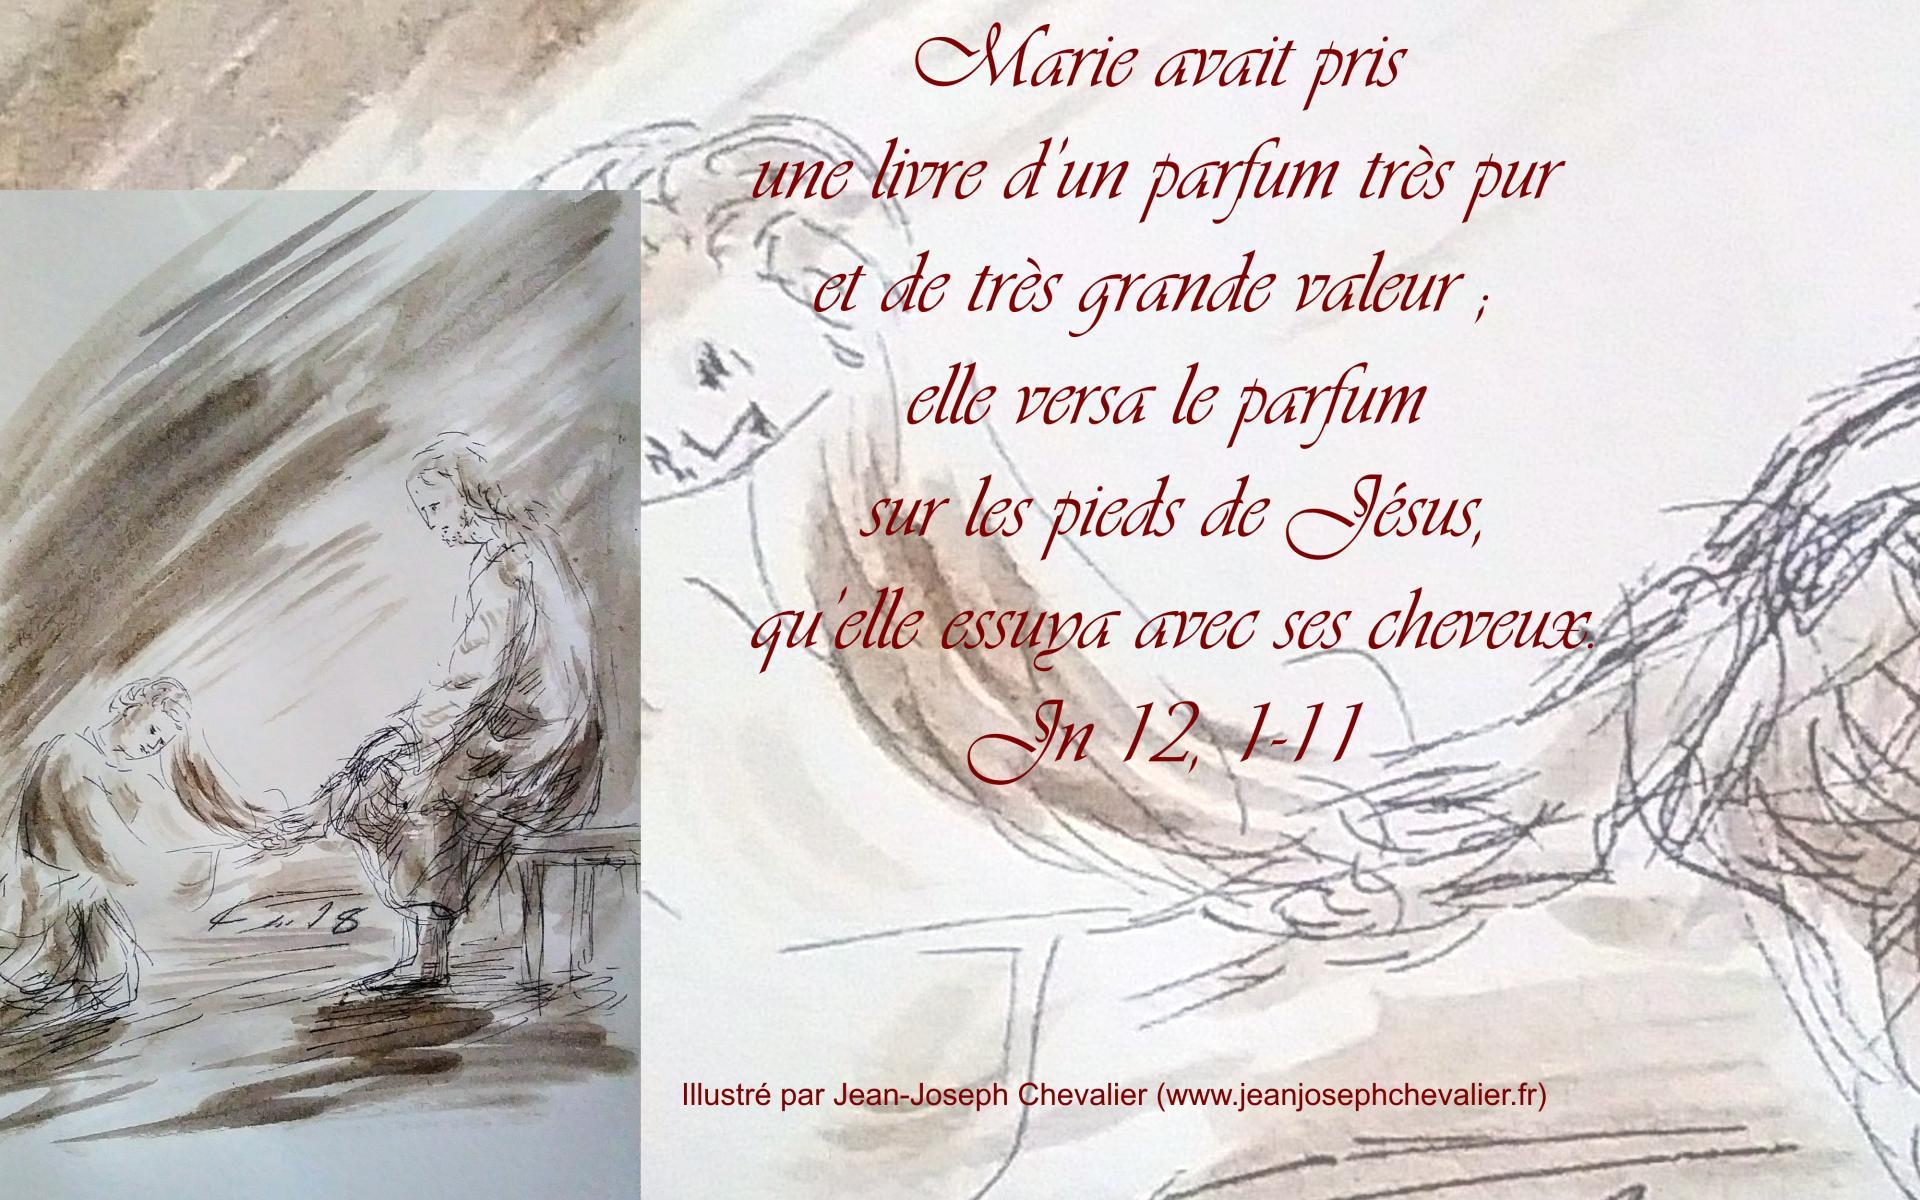 26 mars 2018 evangile du jour illustre par un dessin au lavis de jean joseph chevalier image